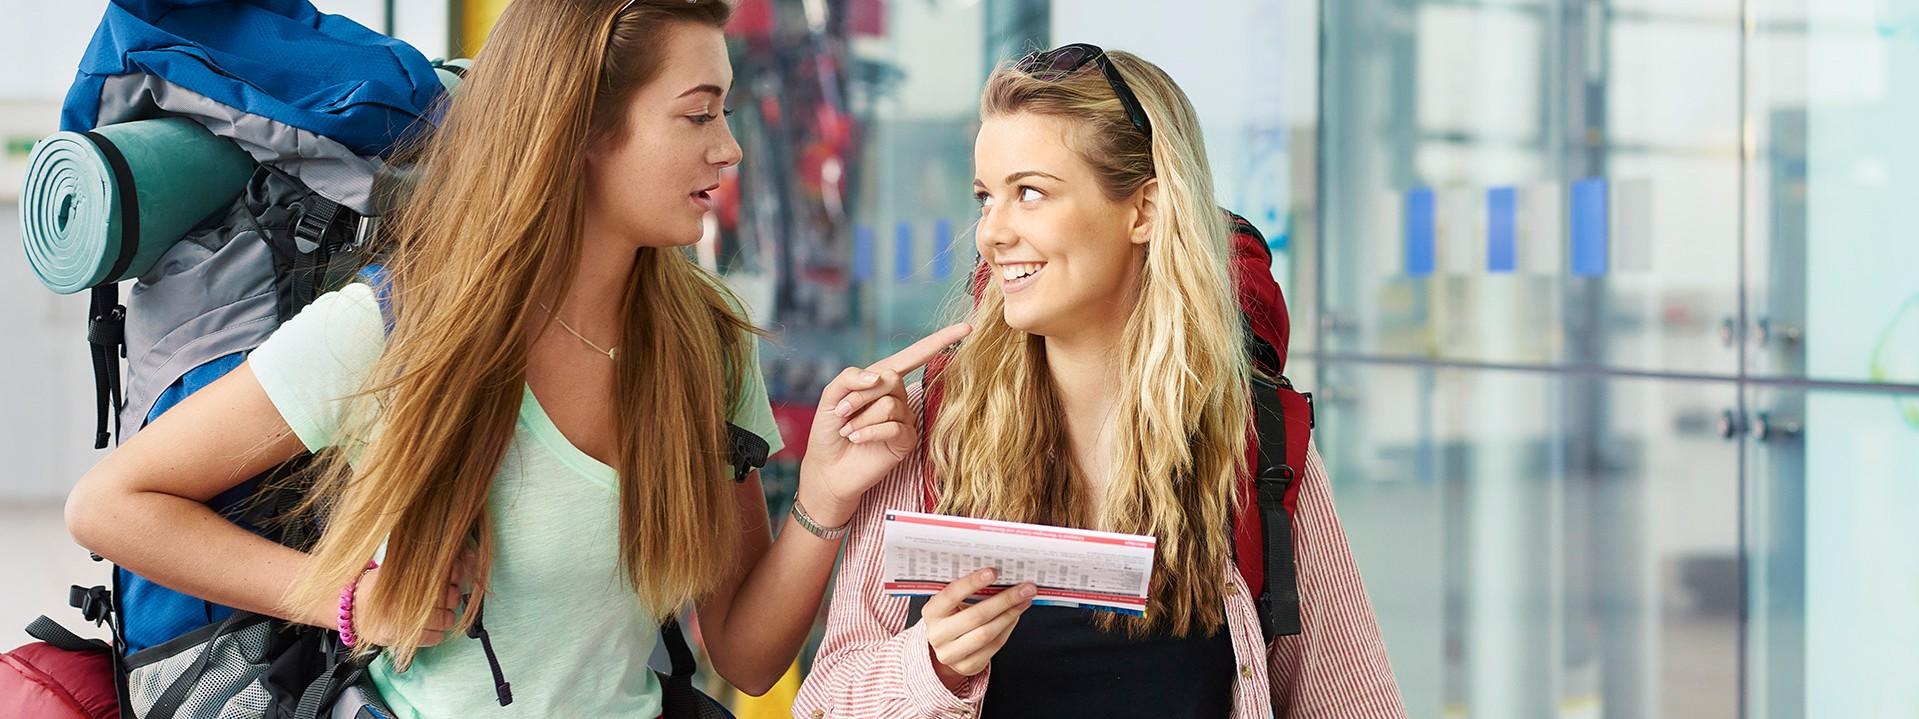 Zwei junge Frauen mit viel großem Reisegepäck unterhalten sich freundlich lächeln.